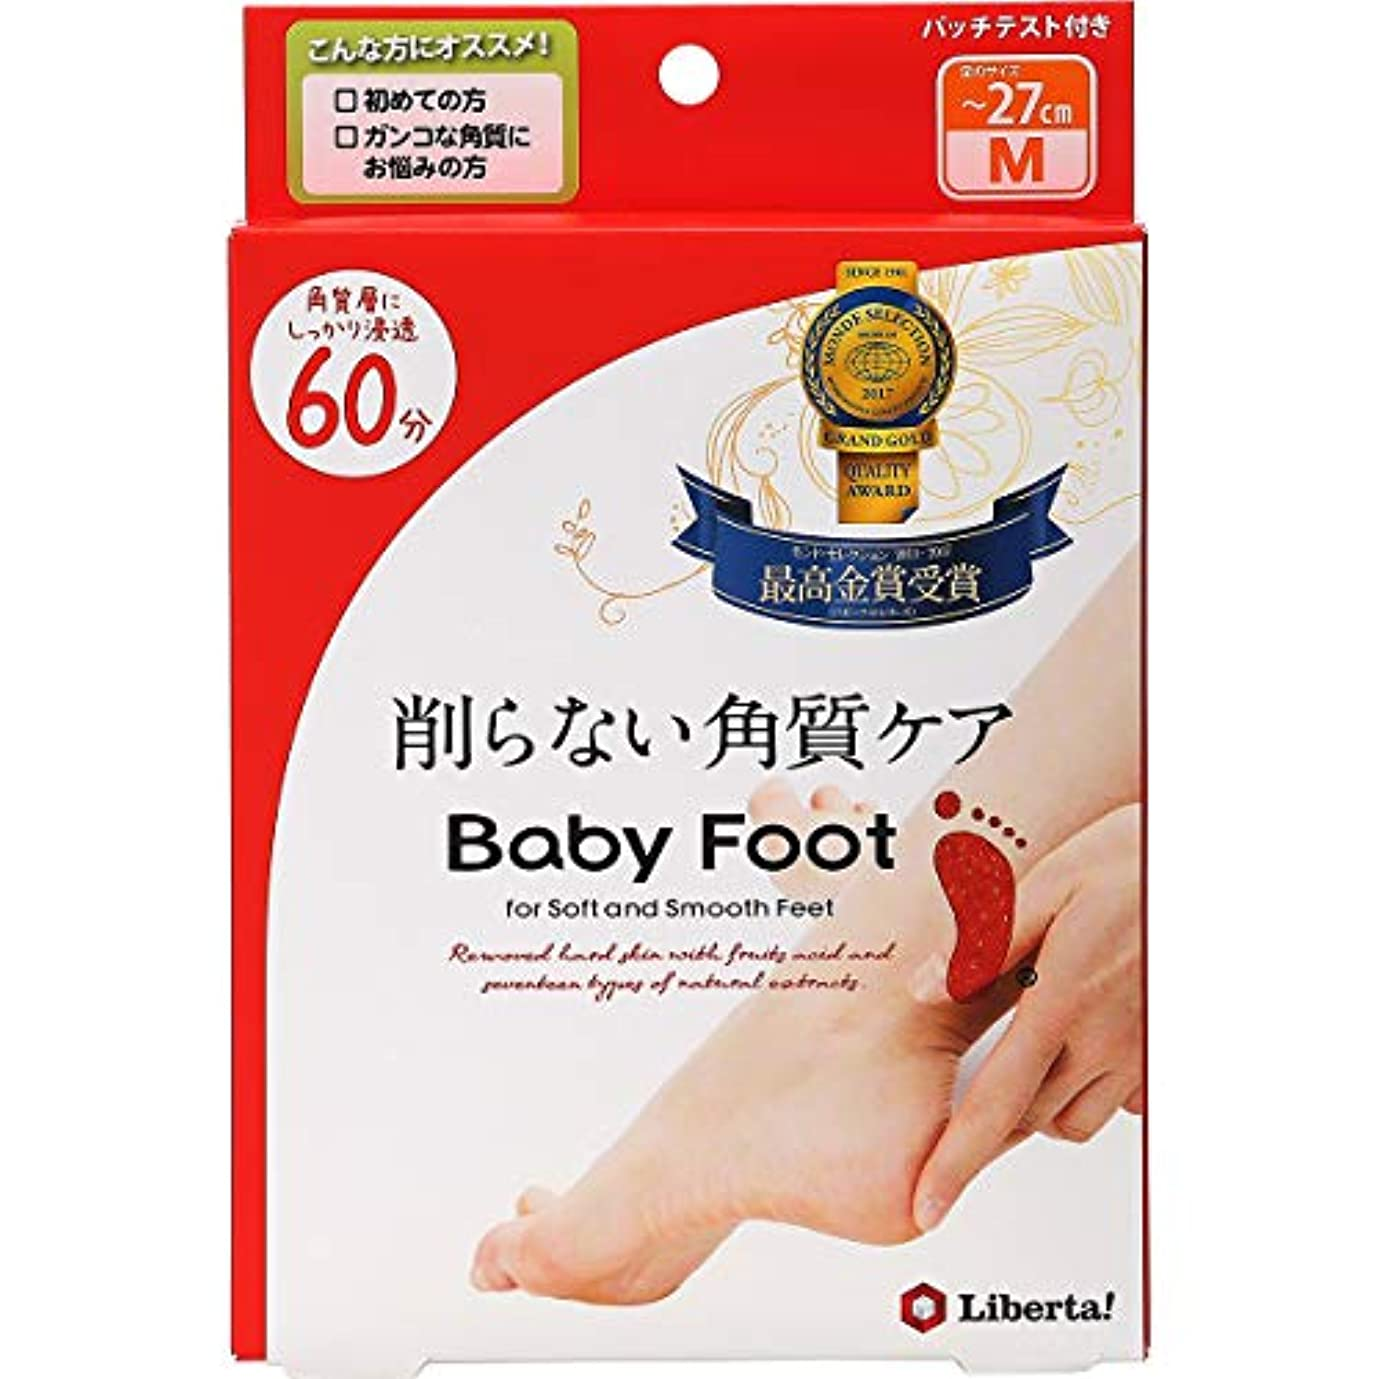 栄光地下鉄現実ベビーフット (Baby Foot) ベビーフット イージーパック SPT60分タイプ Mサイズ 単品